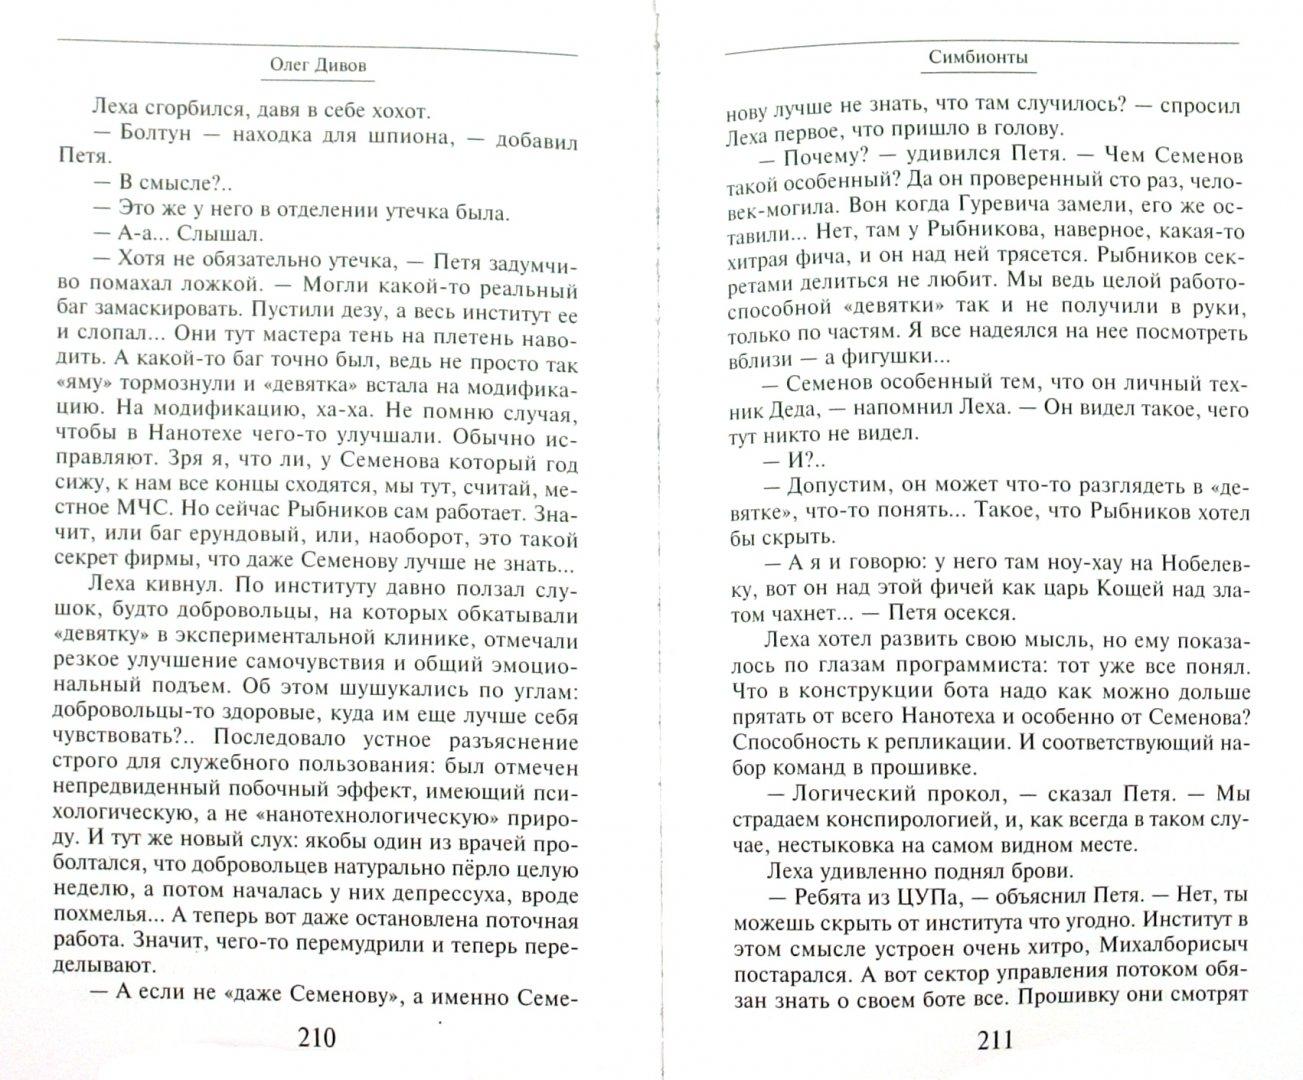 Иллюстрация 1 из 2 для Симбионты - Олег Дивов | Лабиринт - книги. Источник: Лабиринт